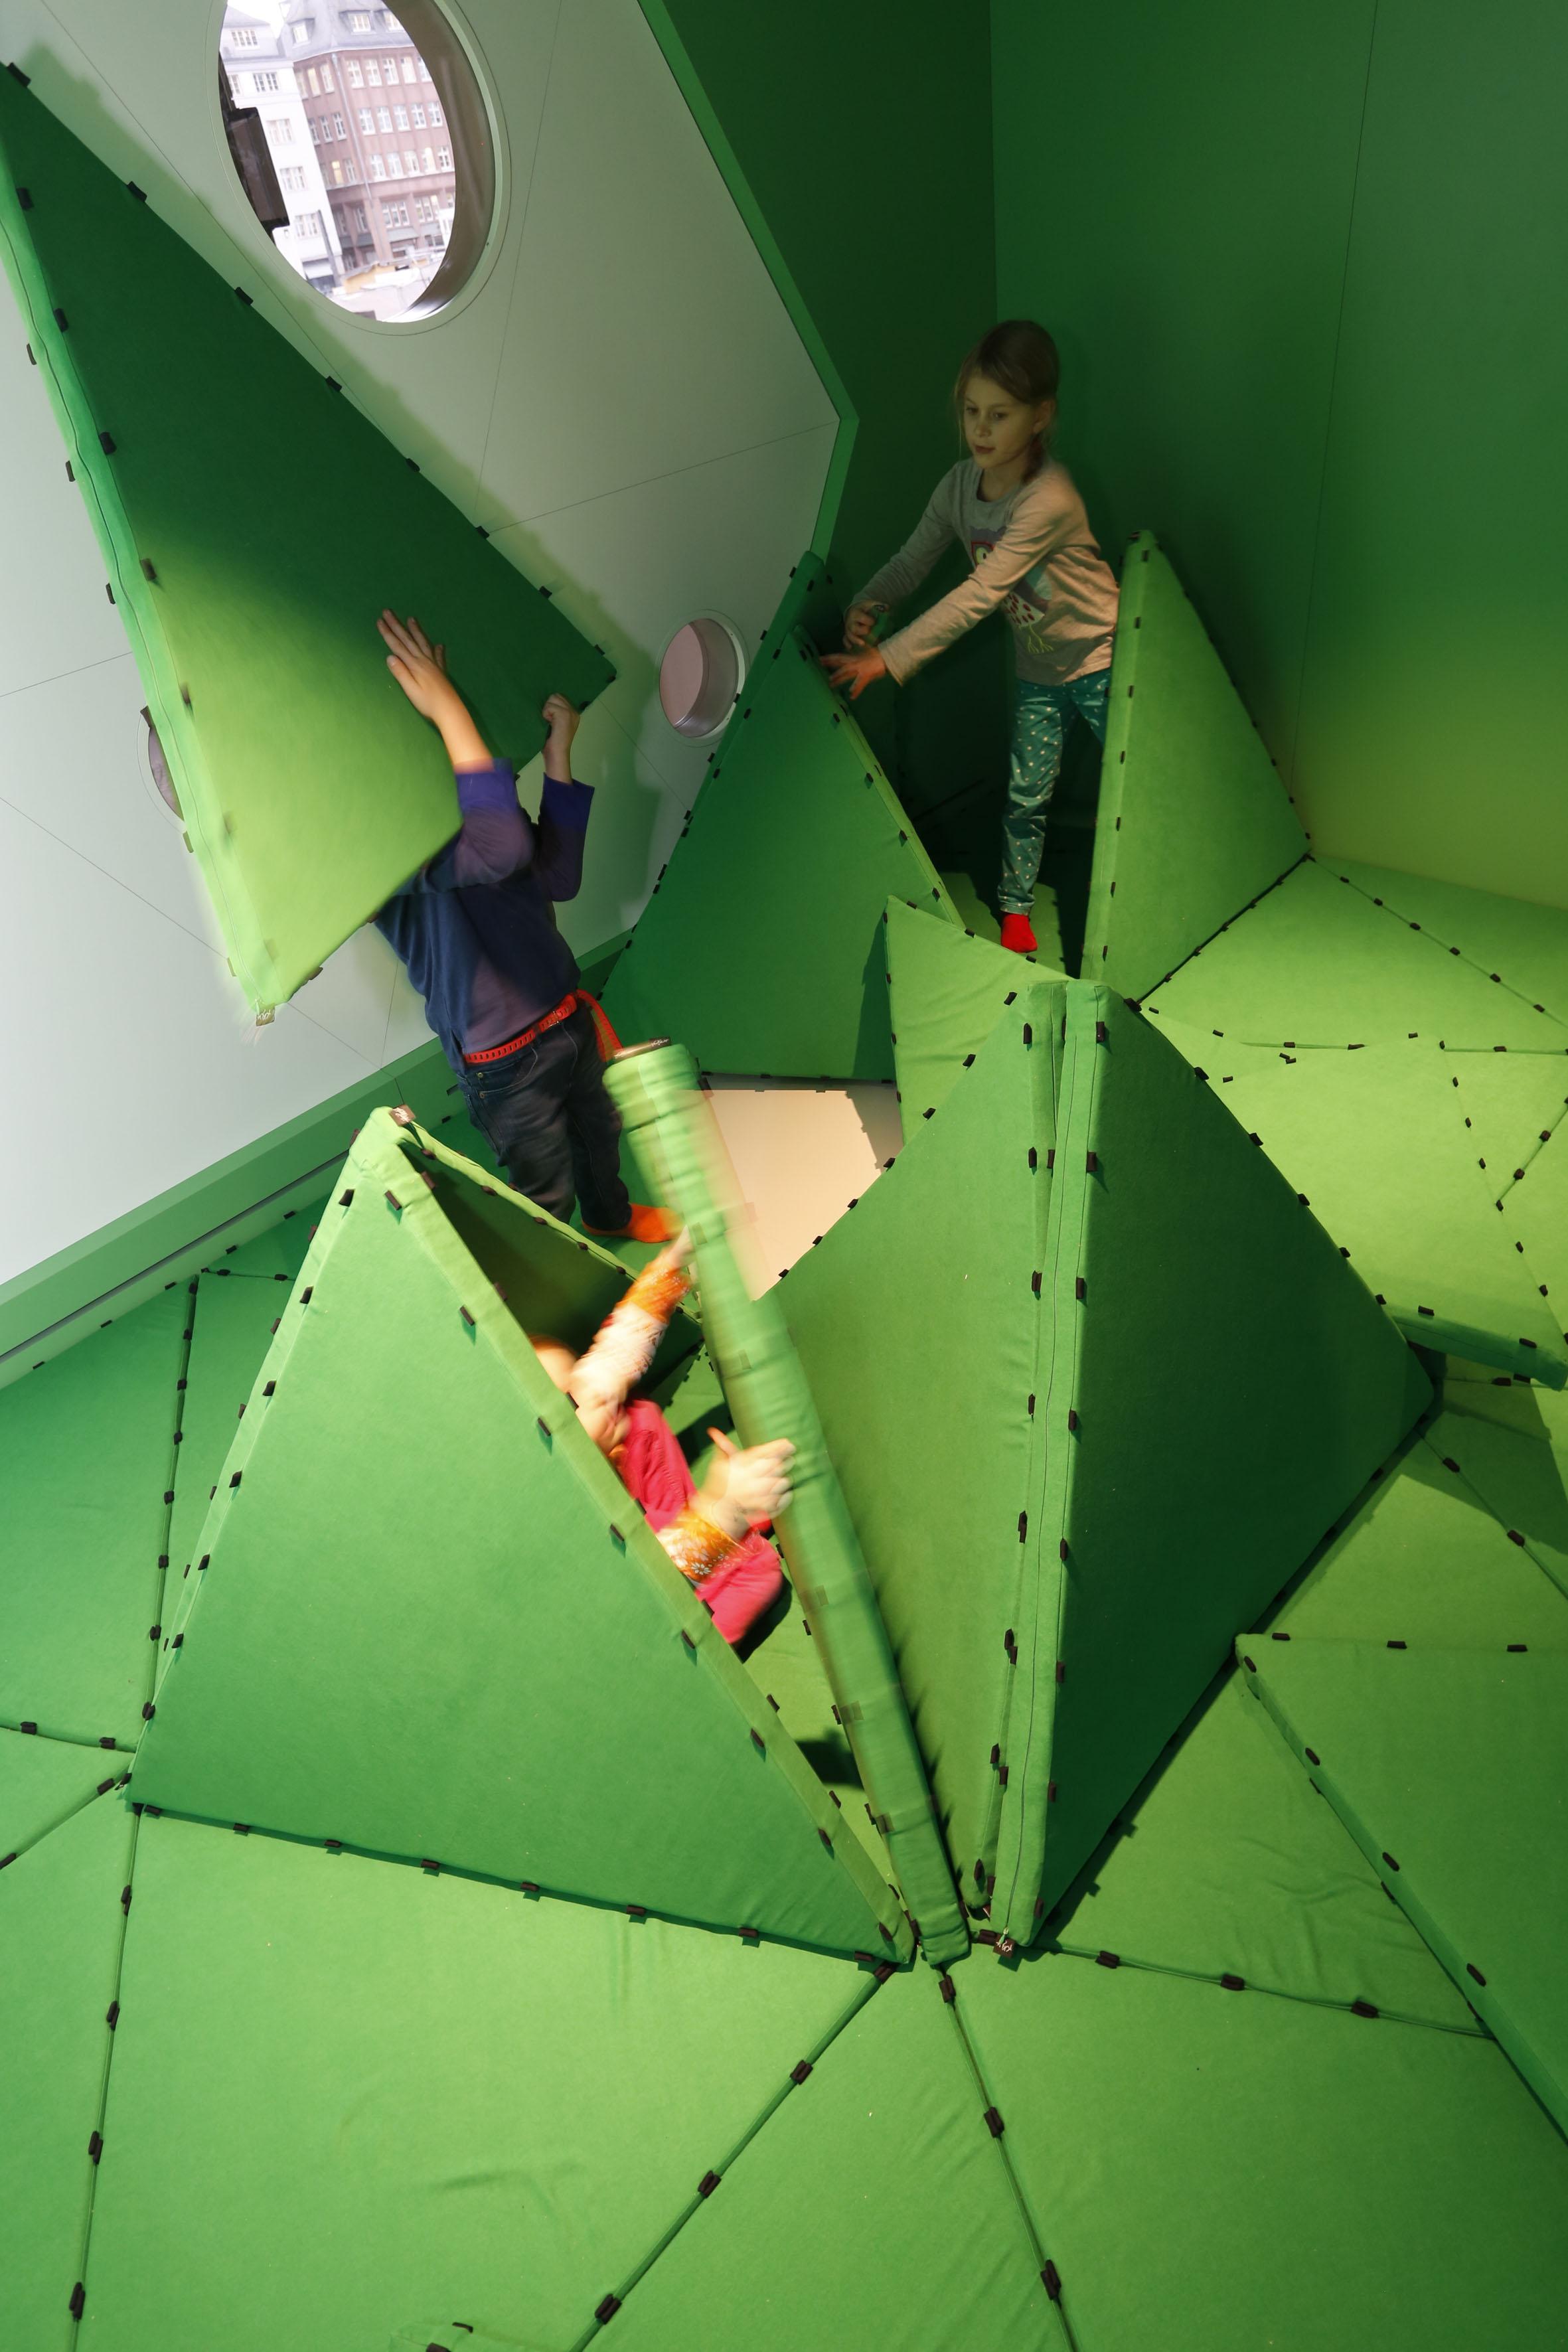 MINISCHIRN: Kinder im Faltraum.© Schirn Kunsthalle Frankfurt Foto/Photo: Norbert Miguletz.